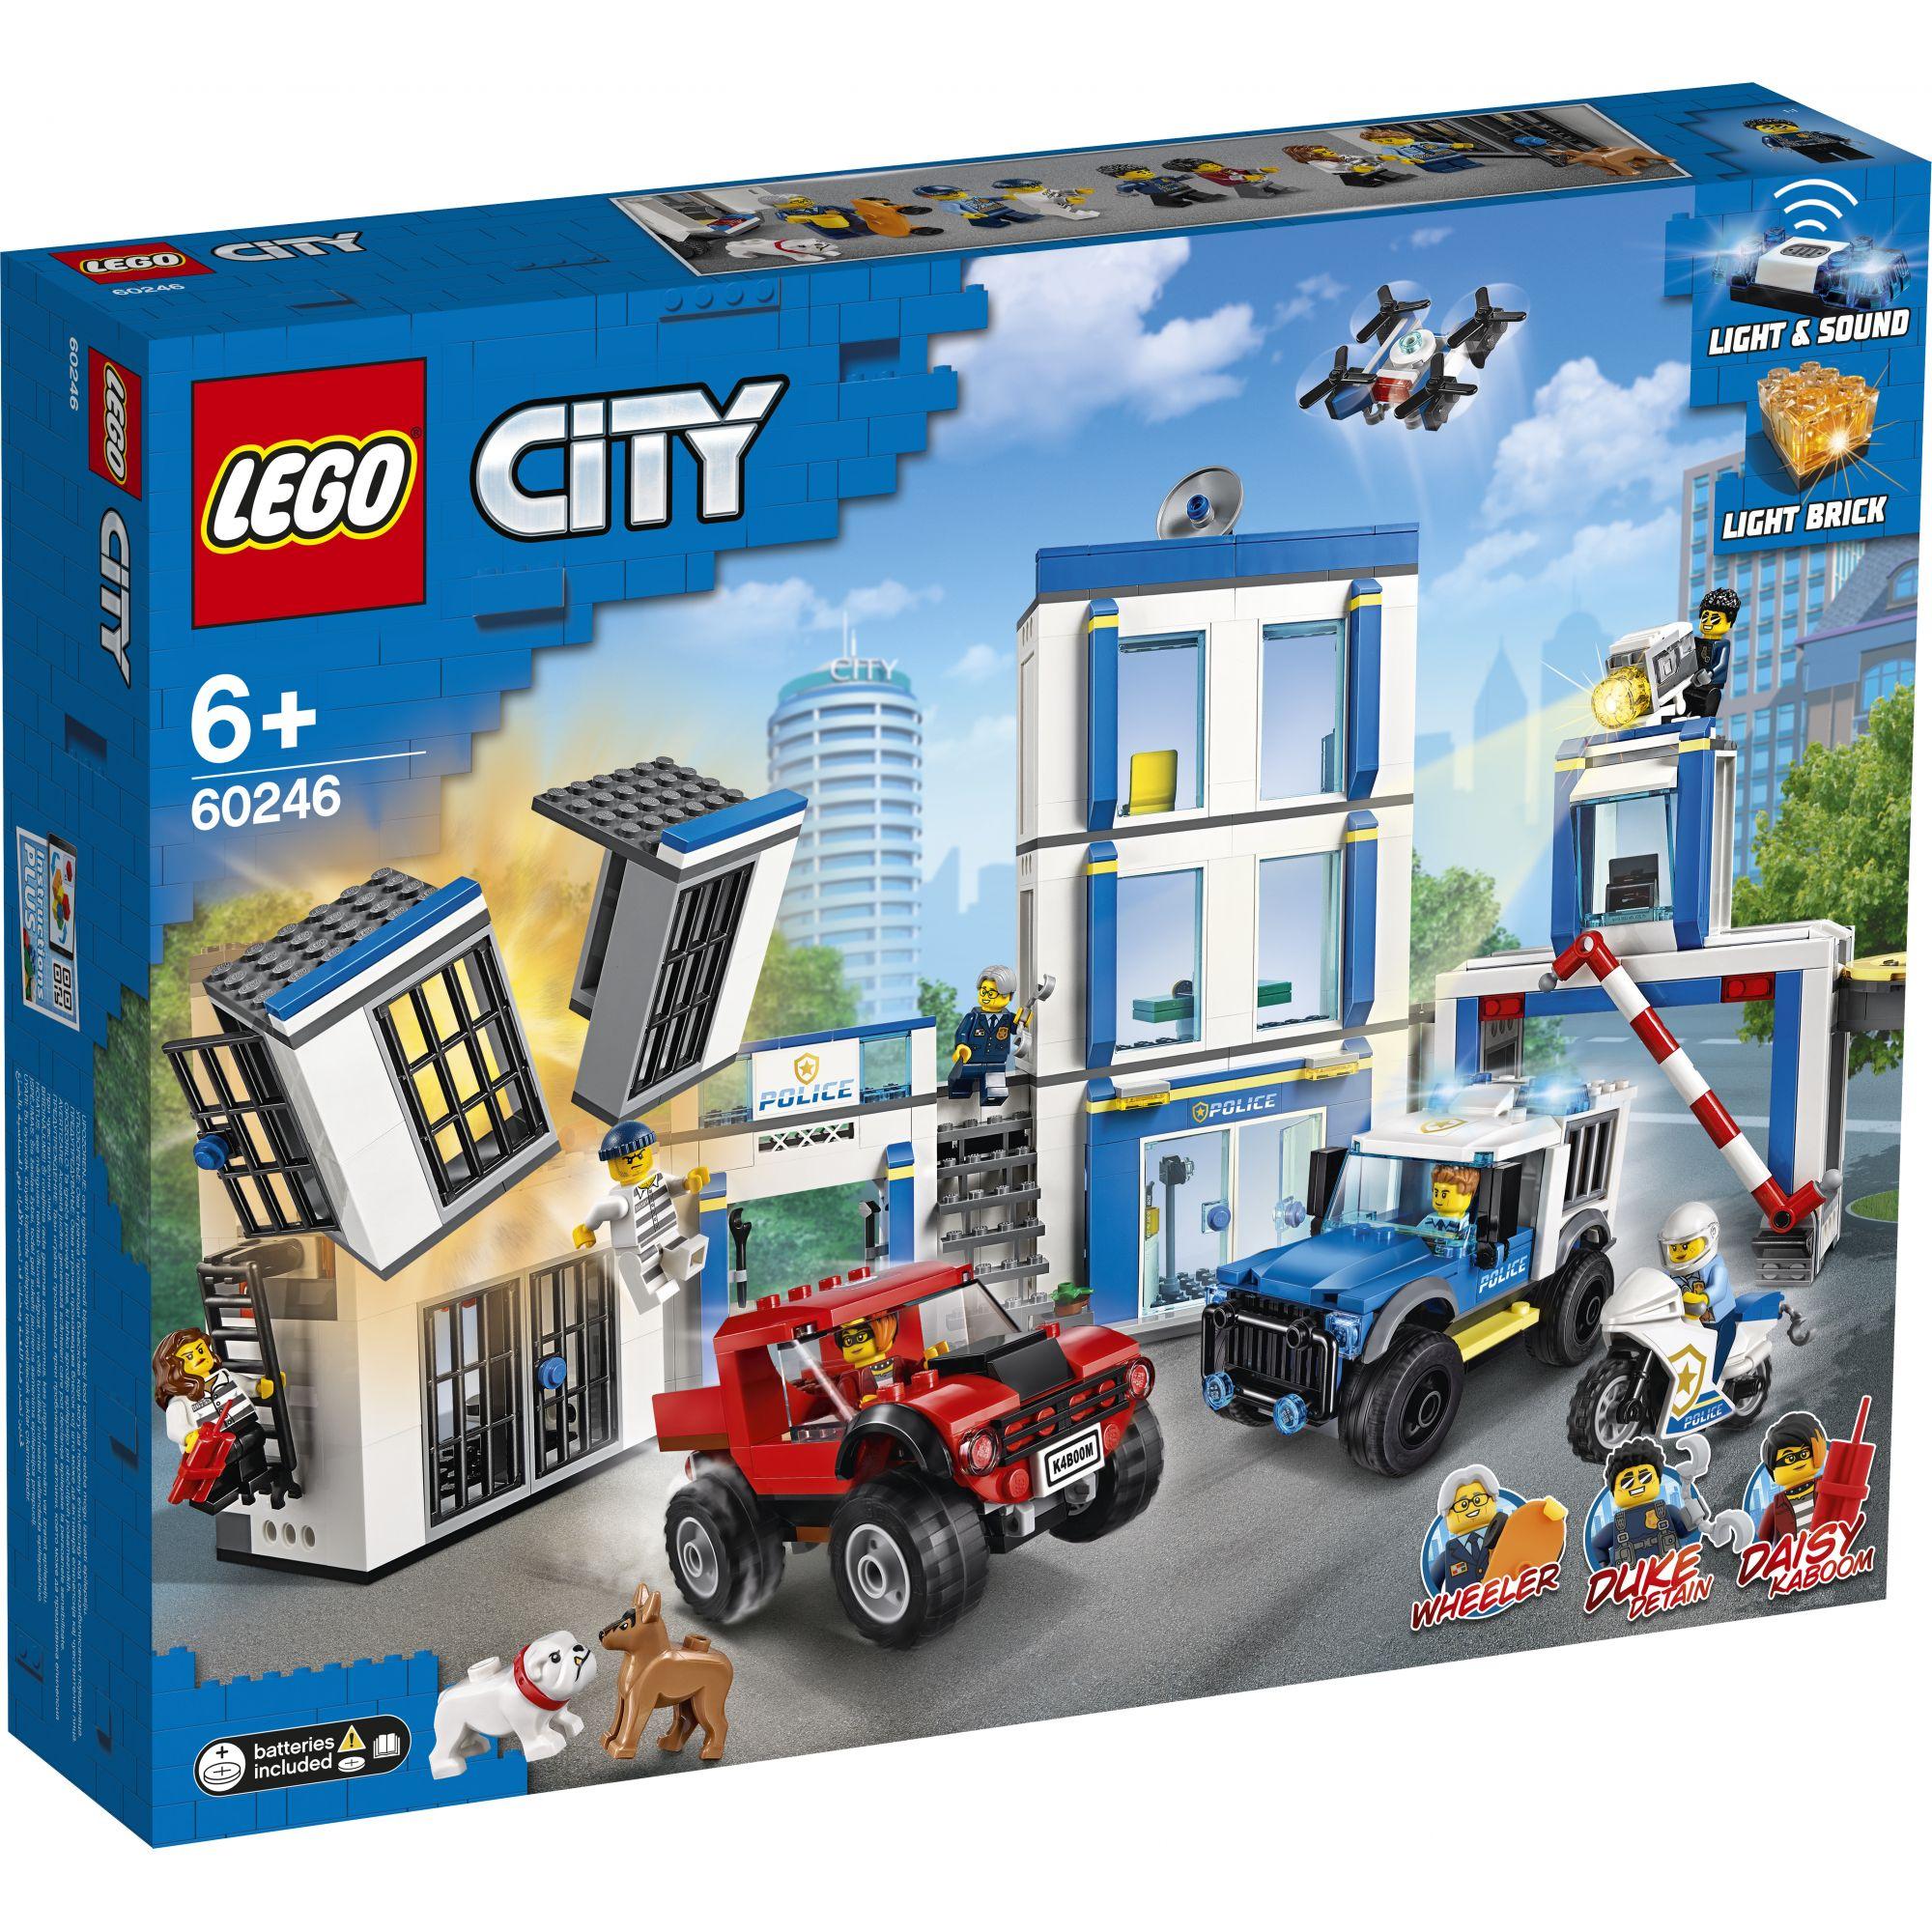 LEGO City Stazione di Polizia - 60246 LEGO CITY